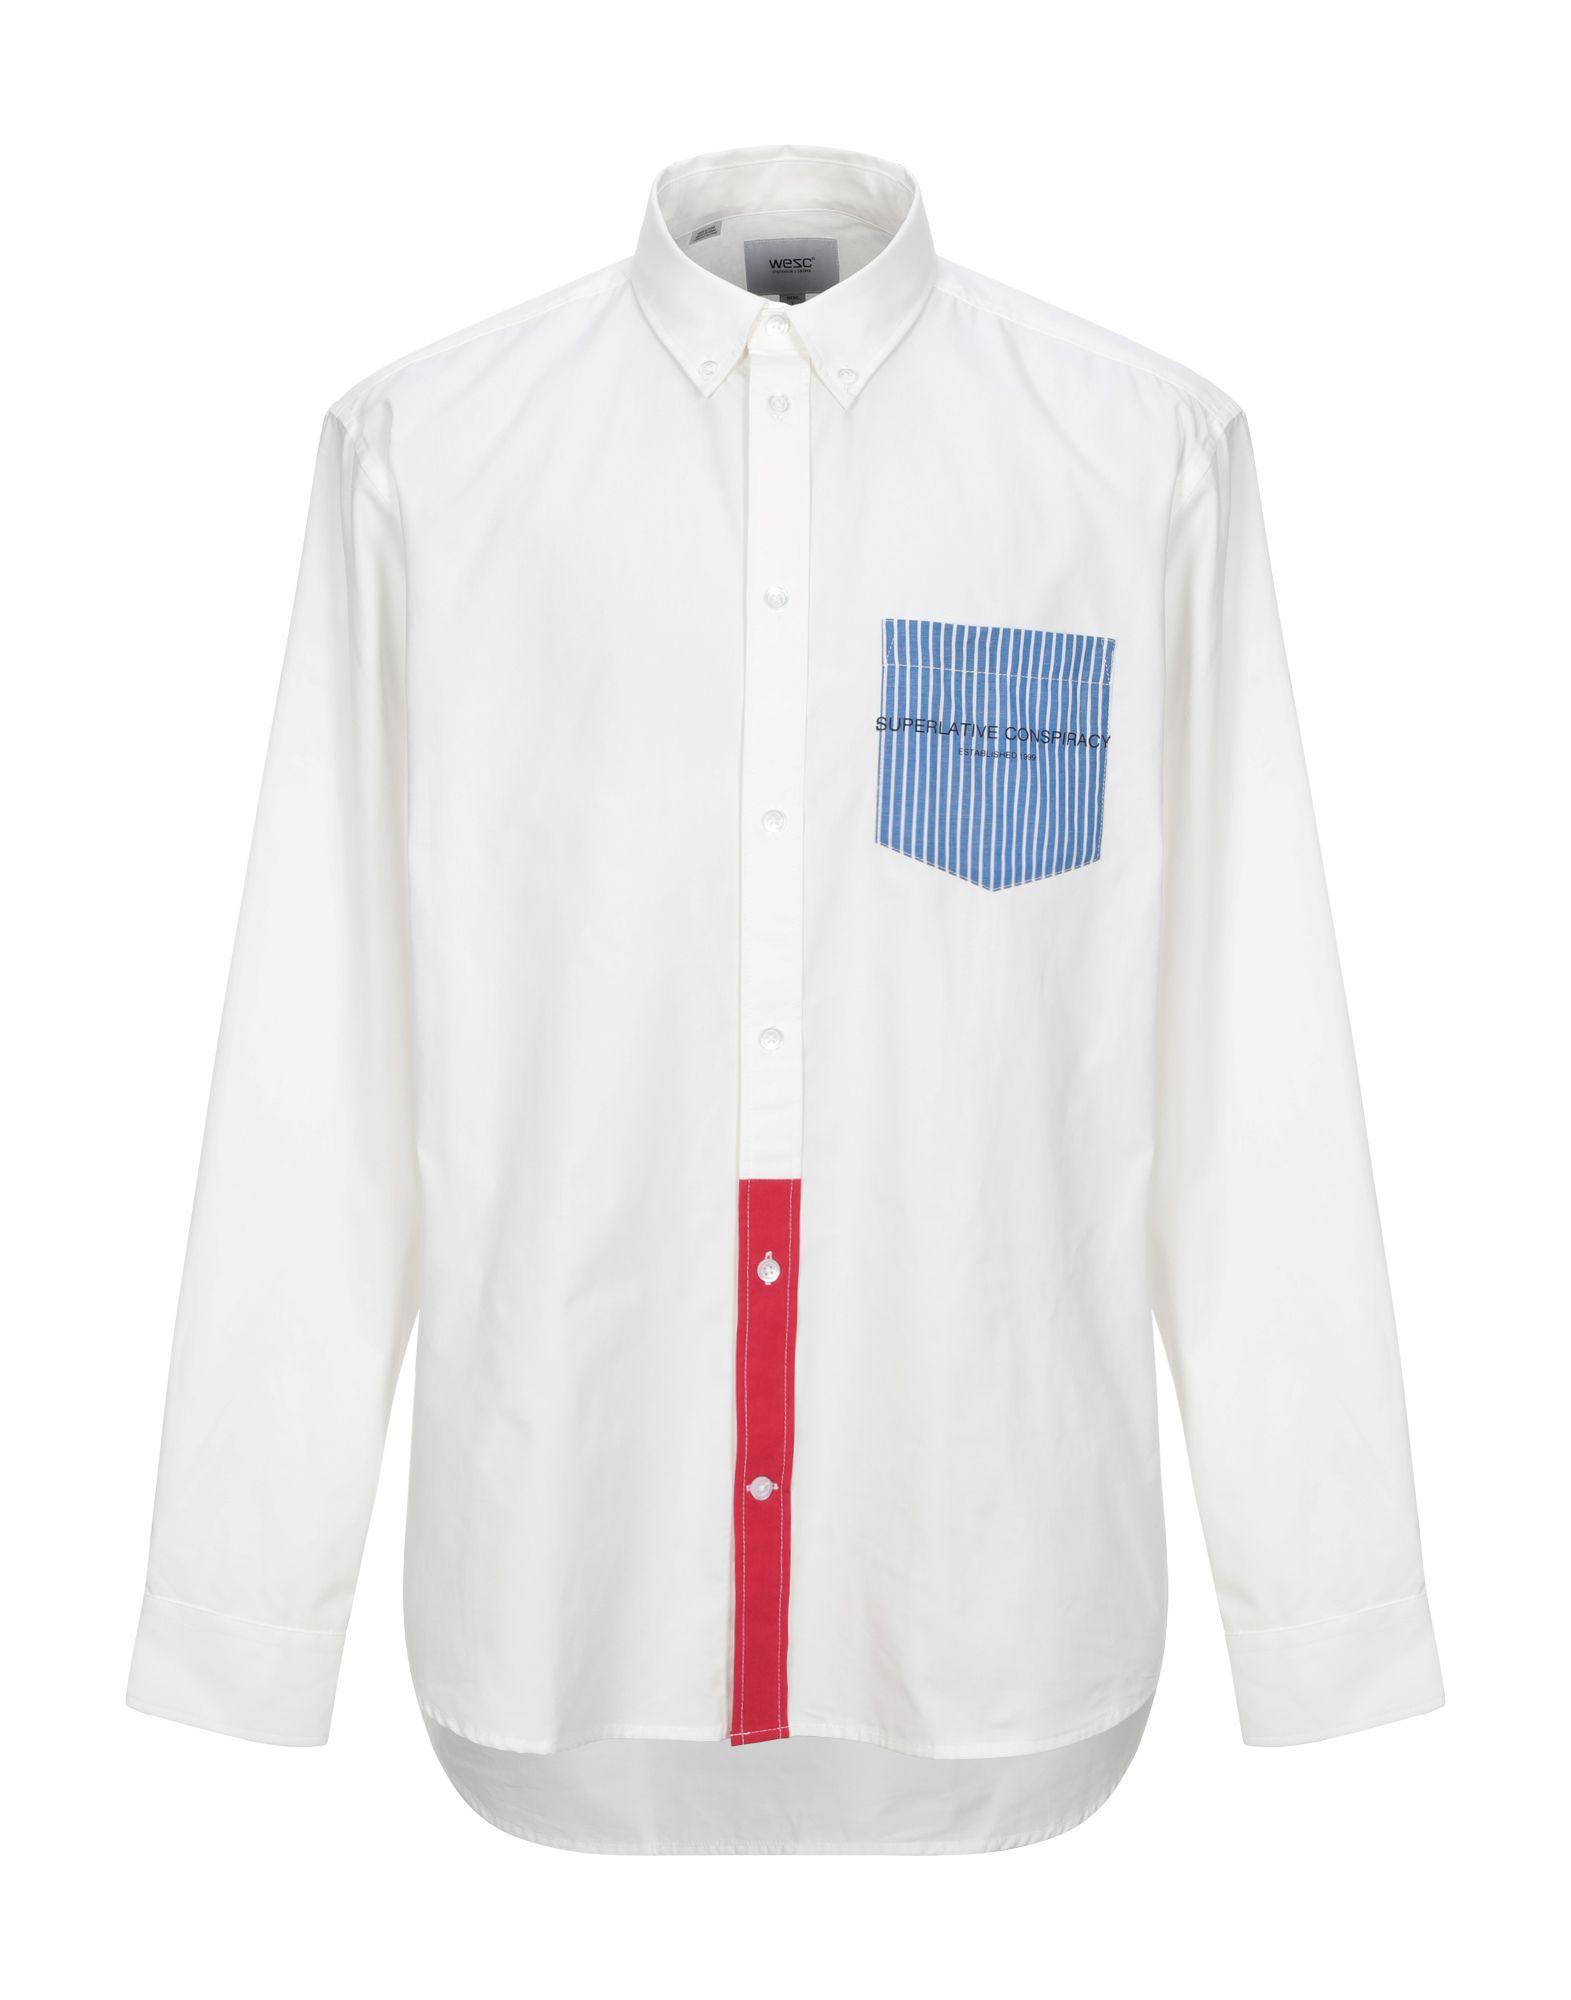 《セール開催中》WESC メンズ シャツ ホワイト S コットン 100%